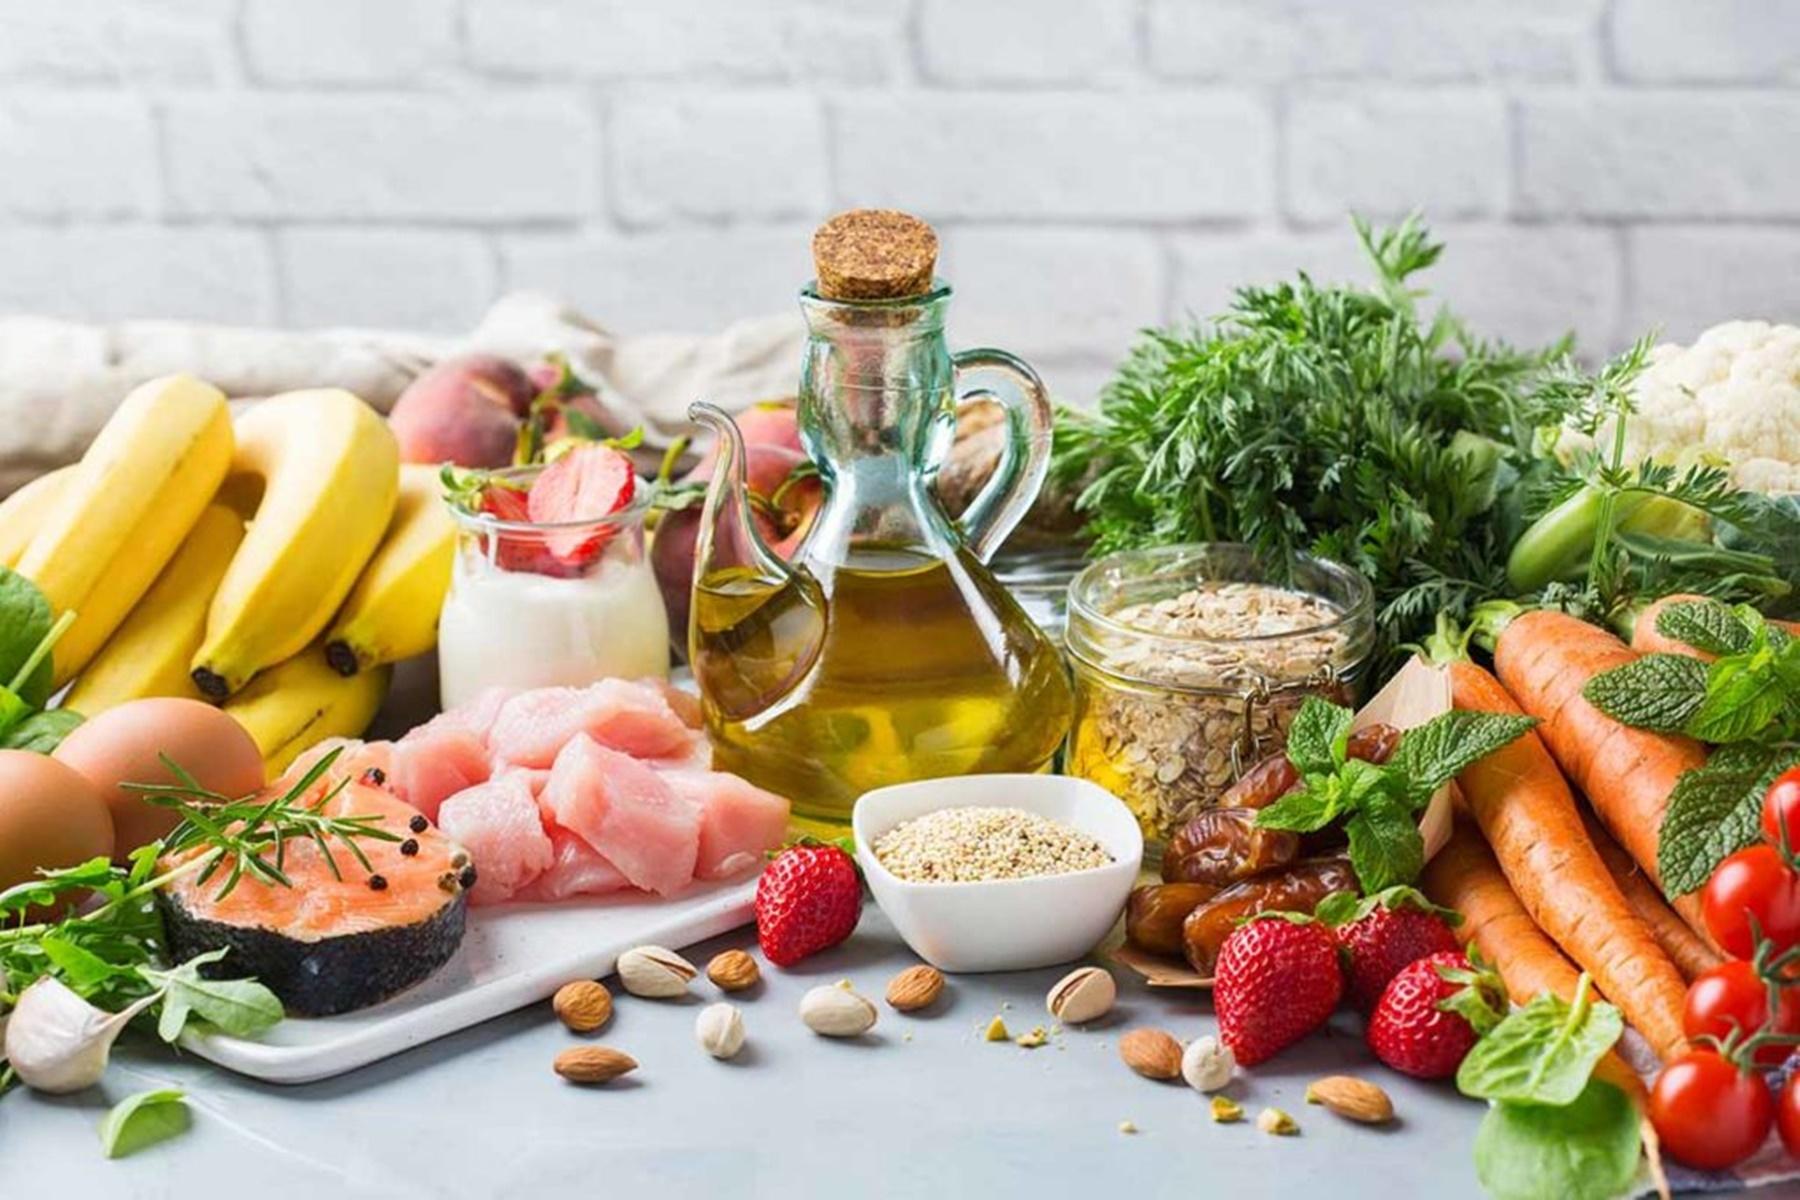 Διατροφή : Συμβουλές για υγιεινές διατροφικές συνήθειες